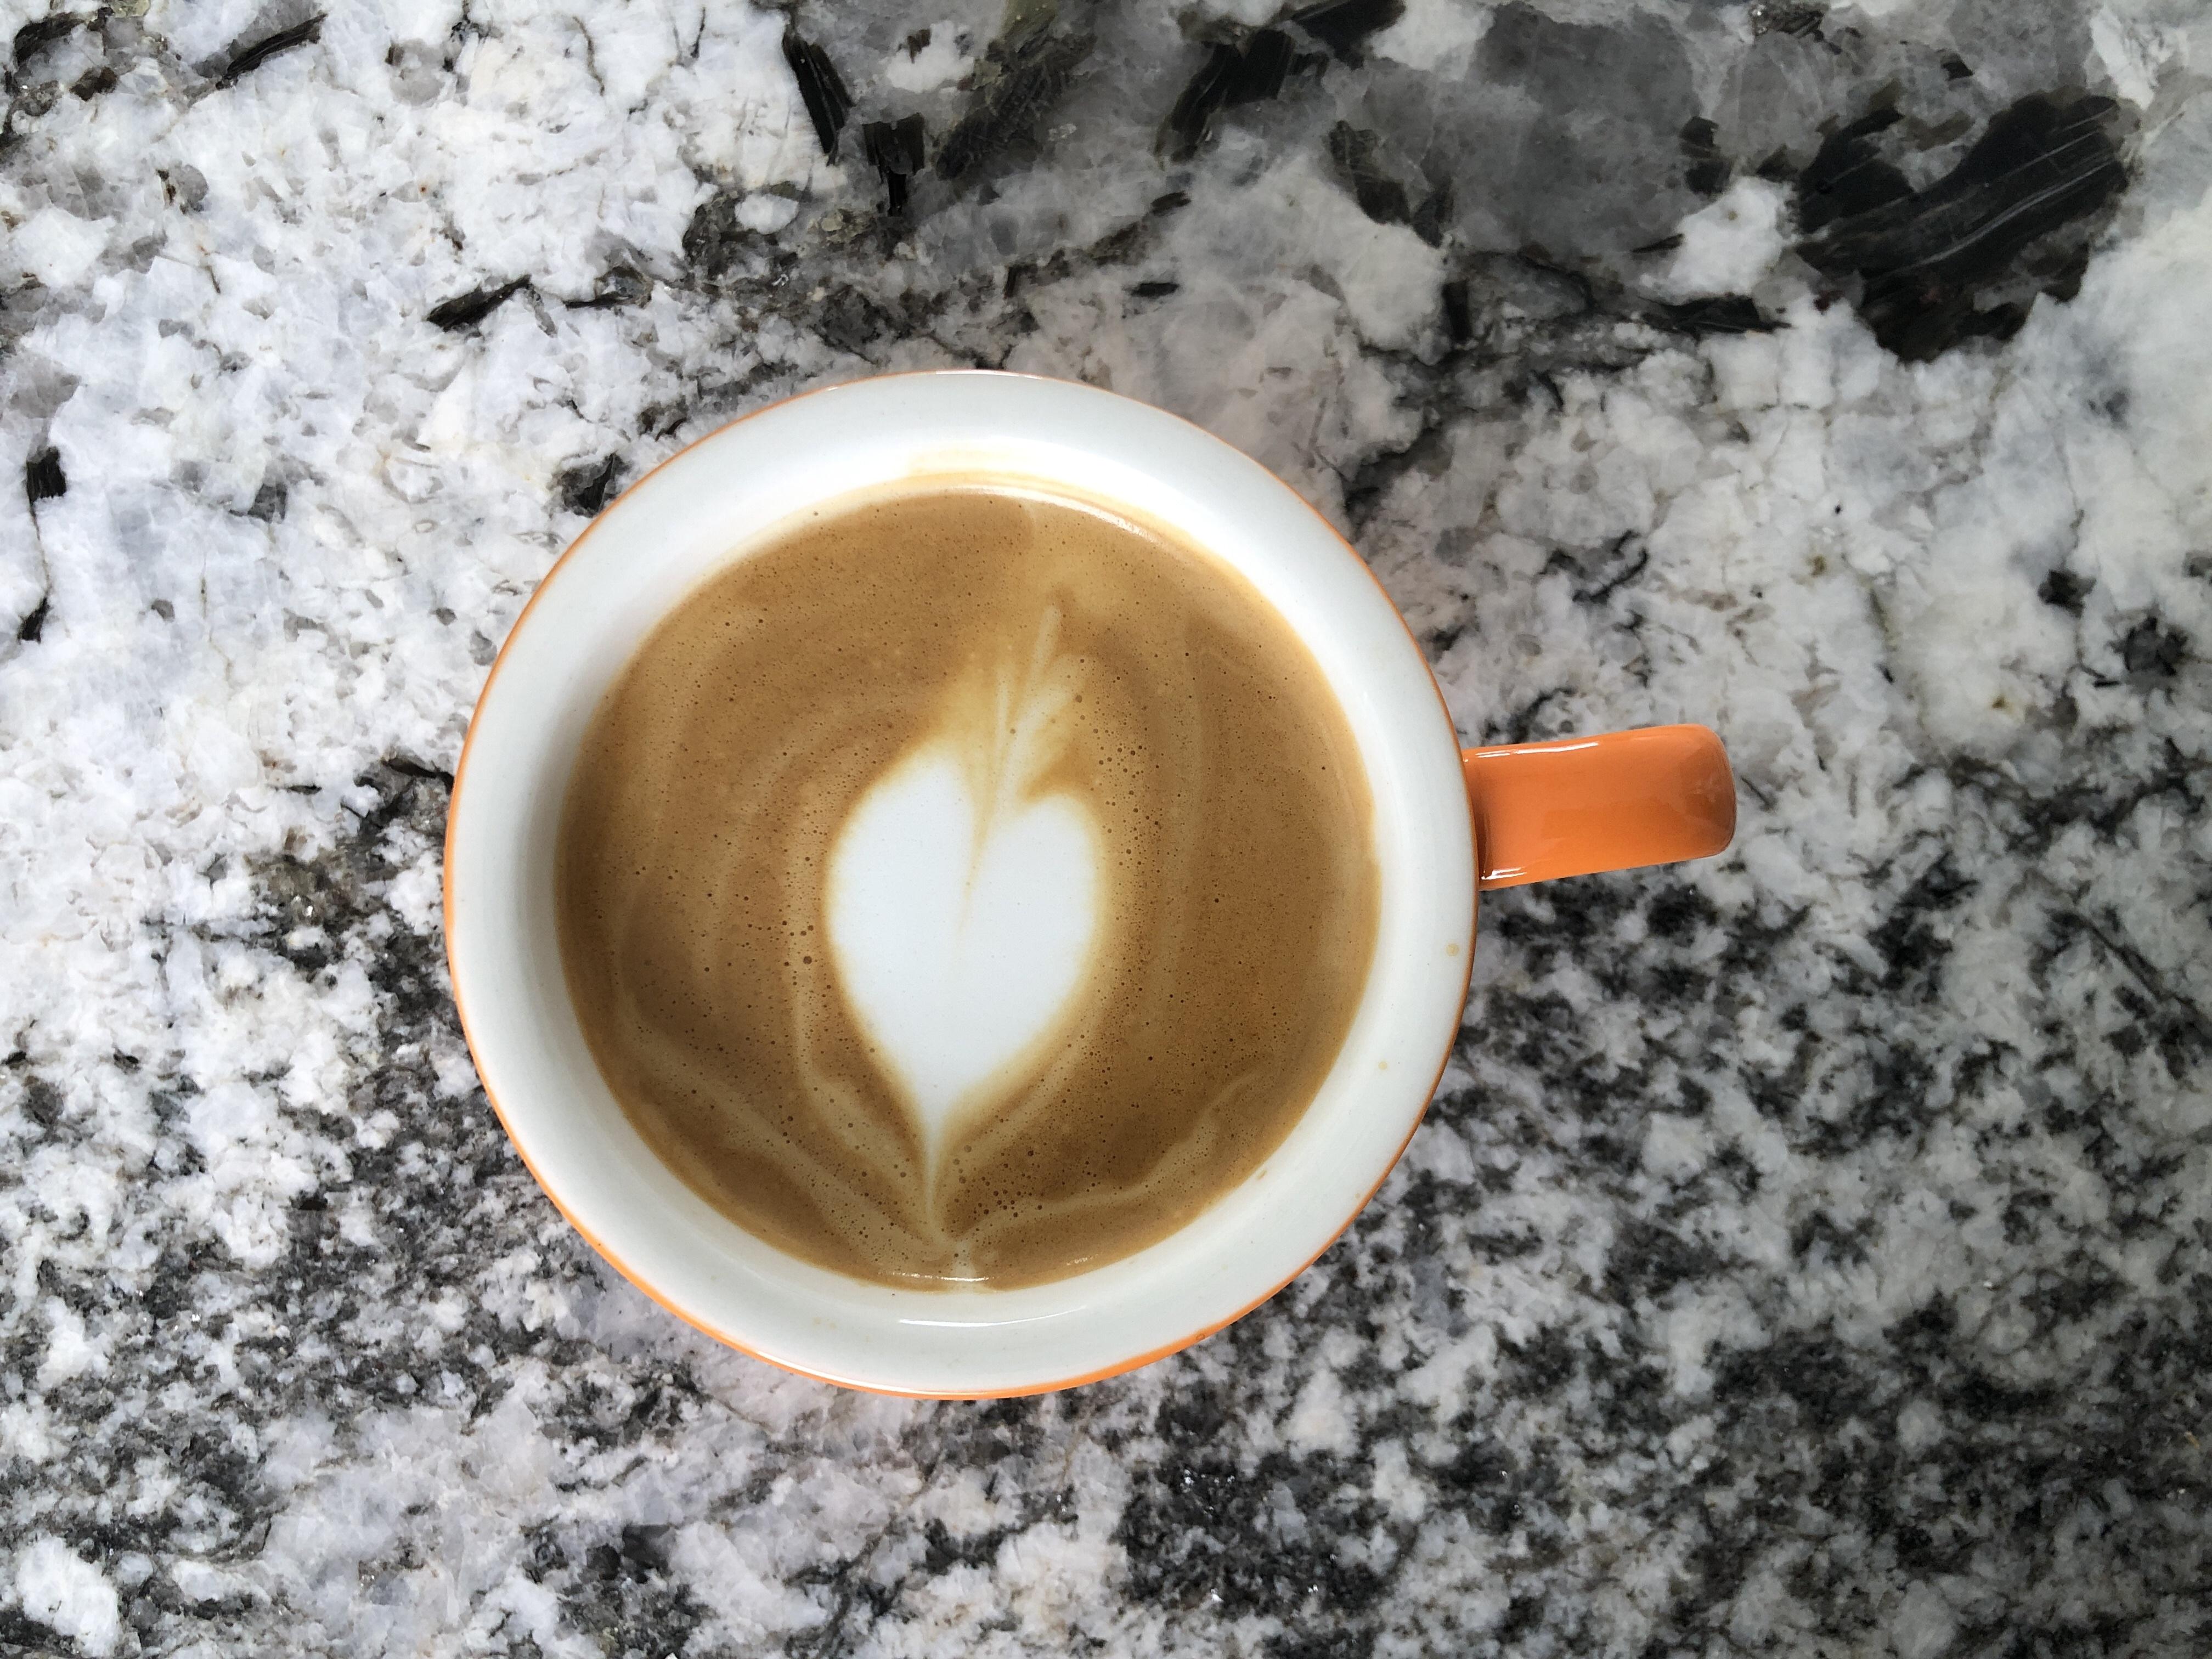 Cappuccino in an orange mug